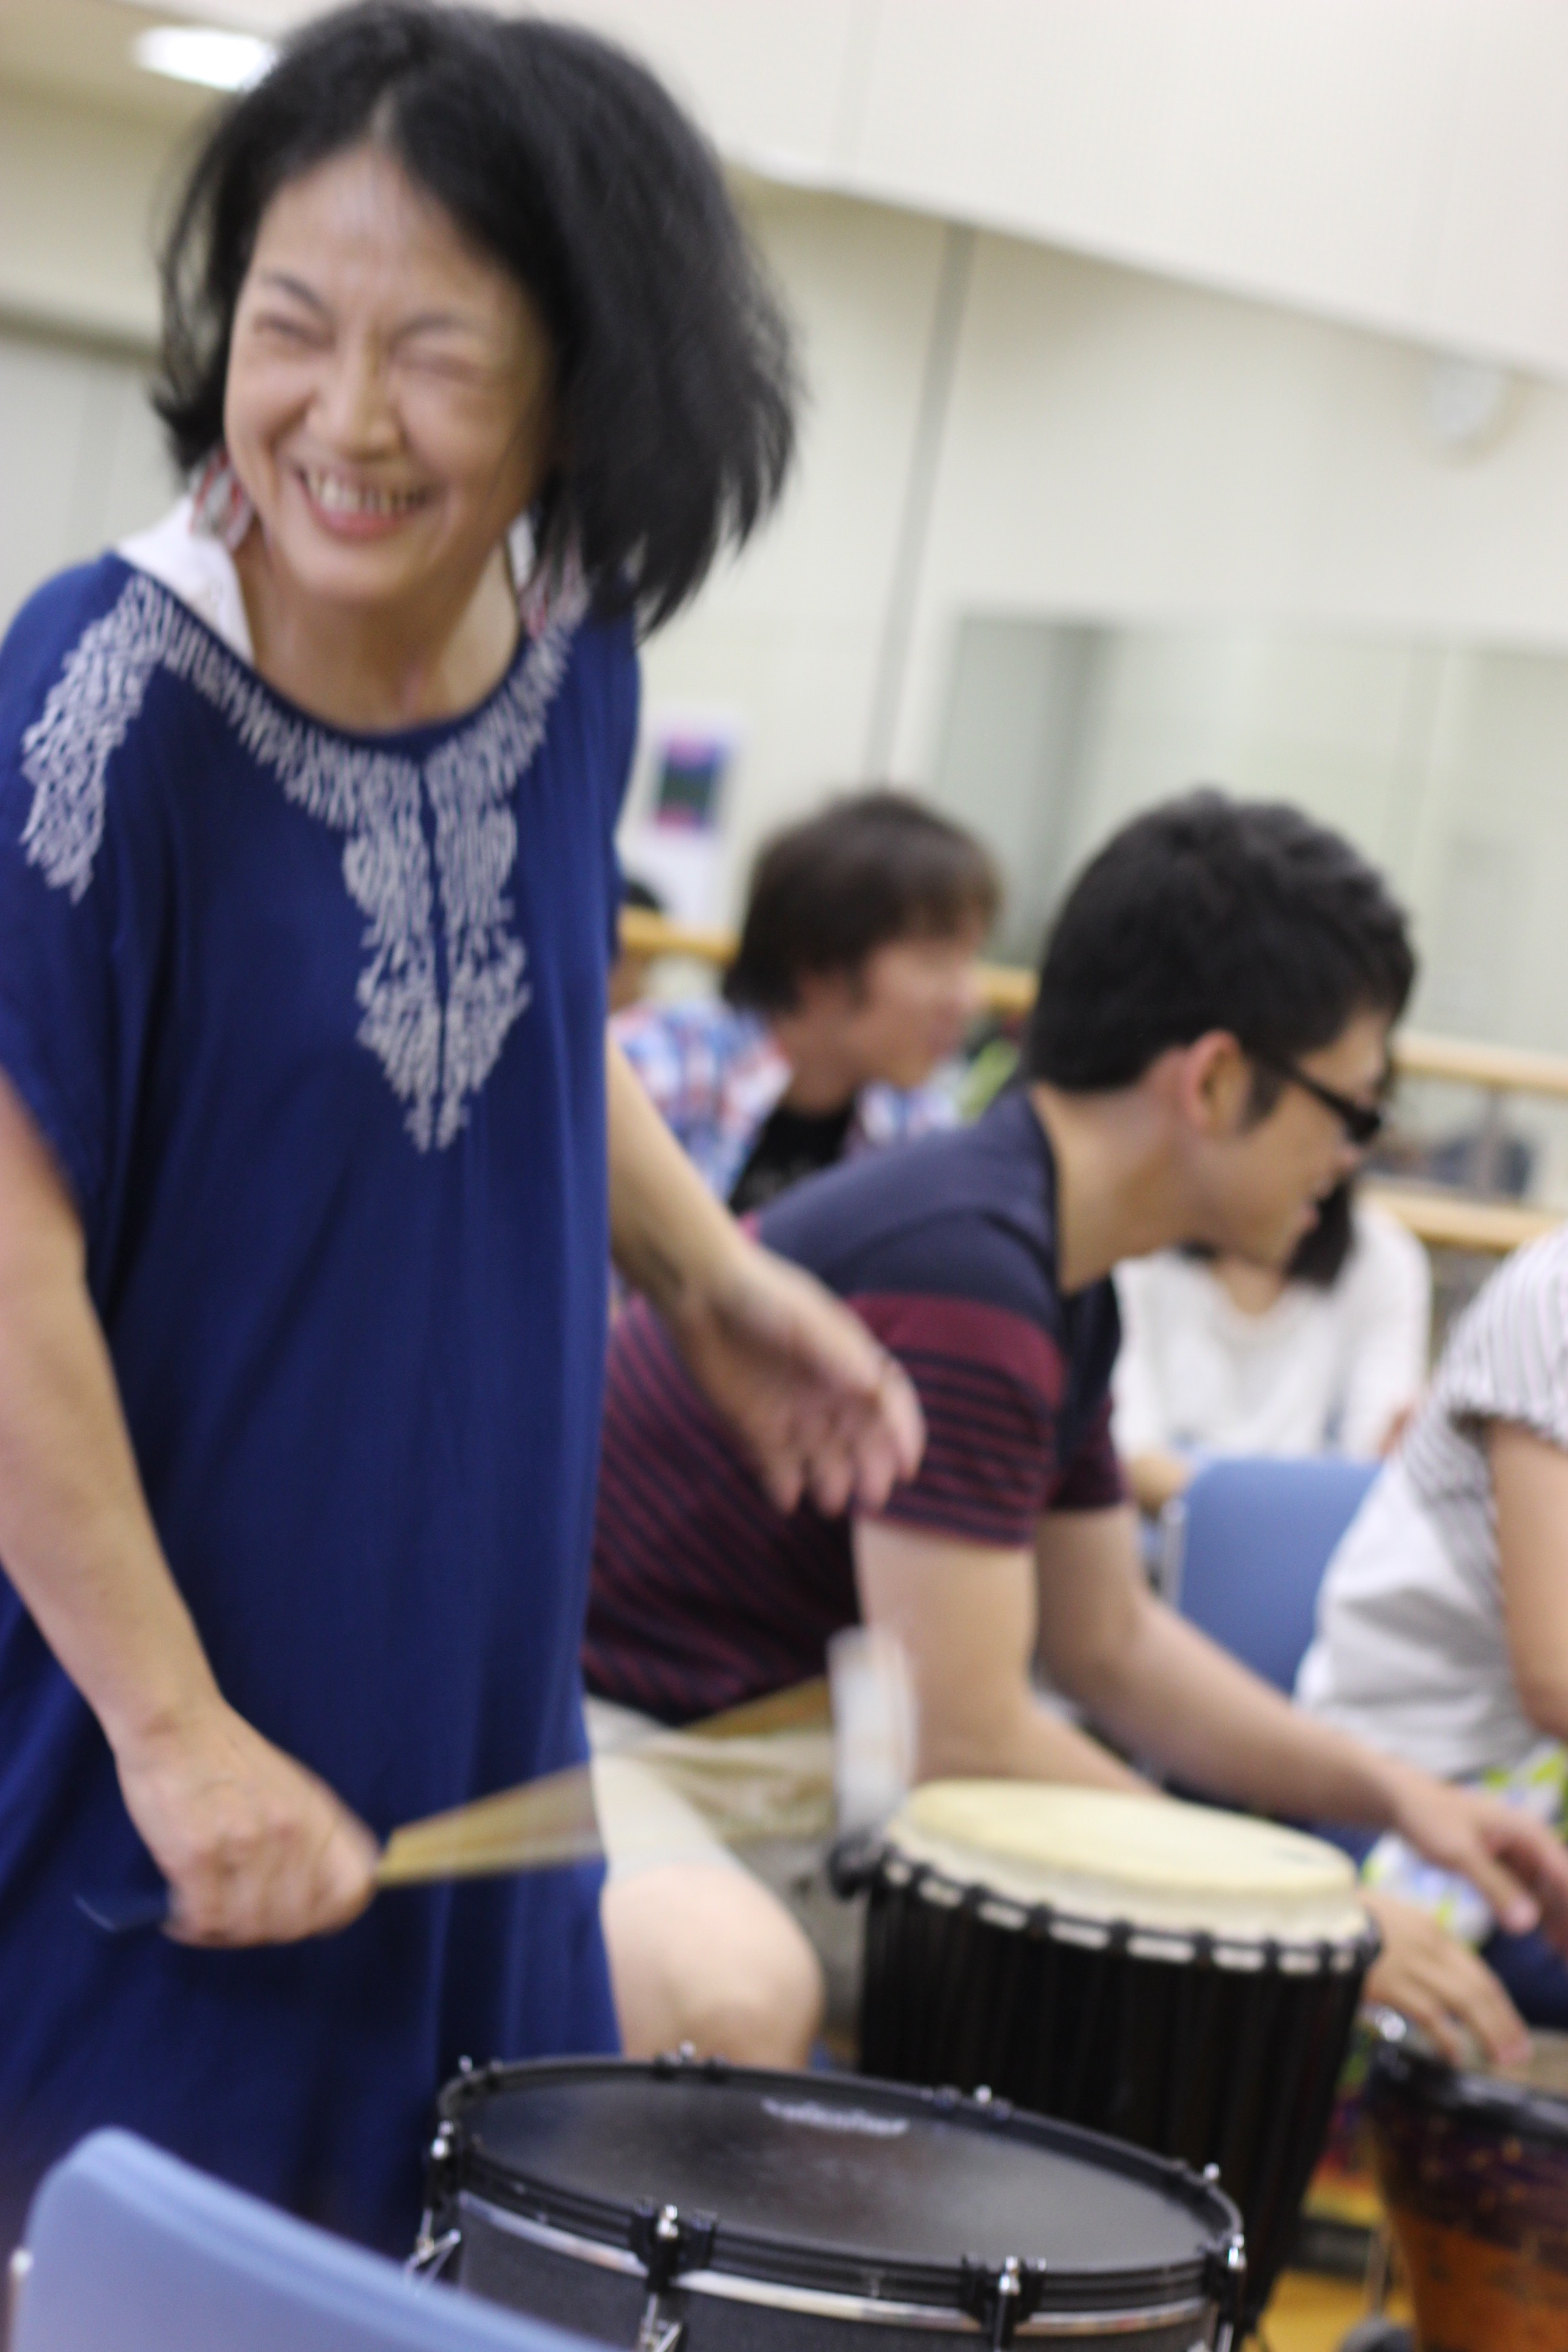 HAPPY BEAT!ドラムサークルのイベントに参加してきました。